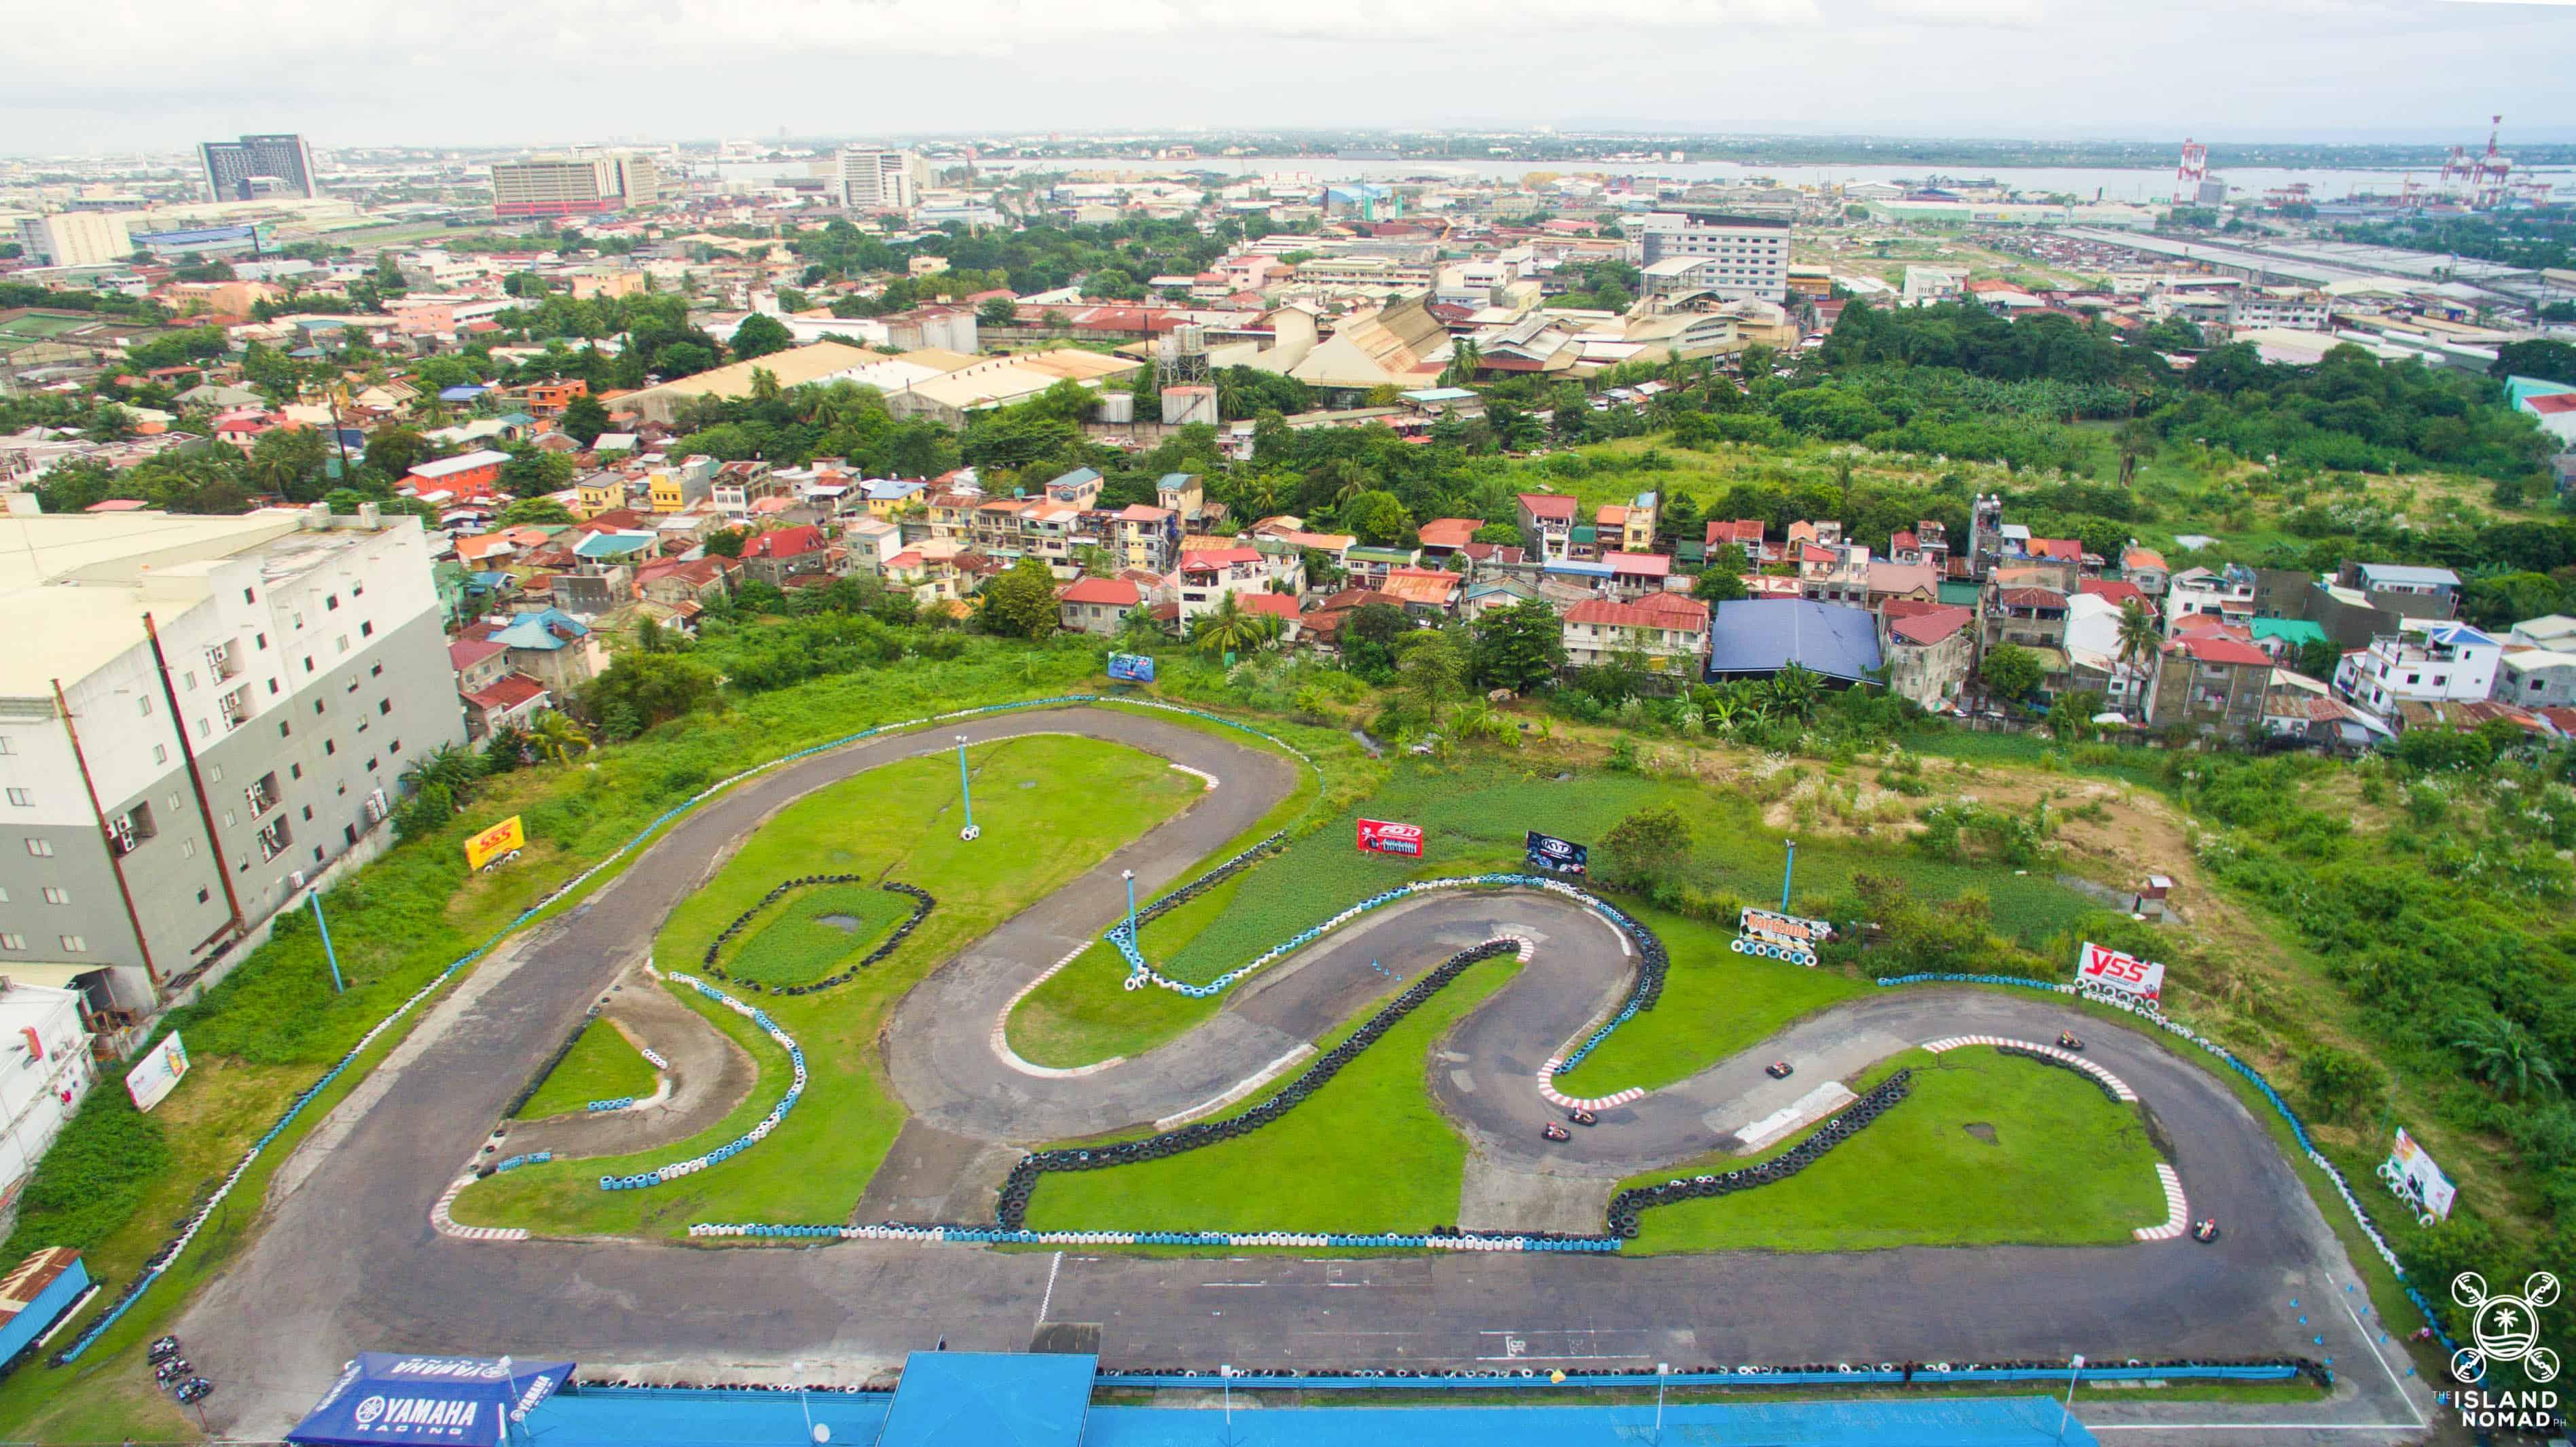 Kartzone Cebu (Kart Racing) (5)